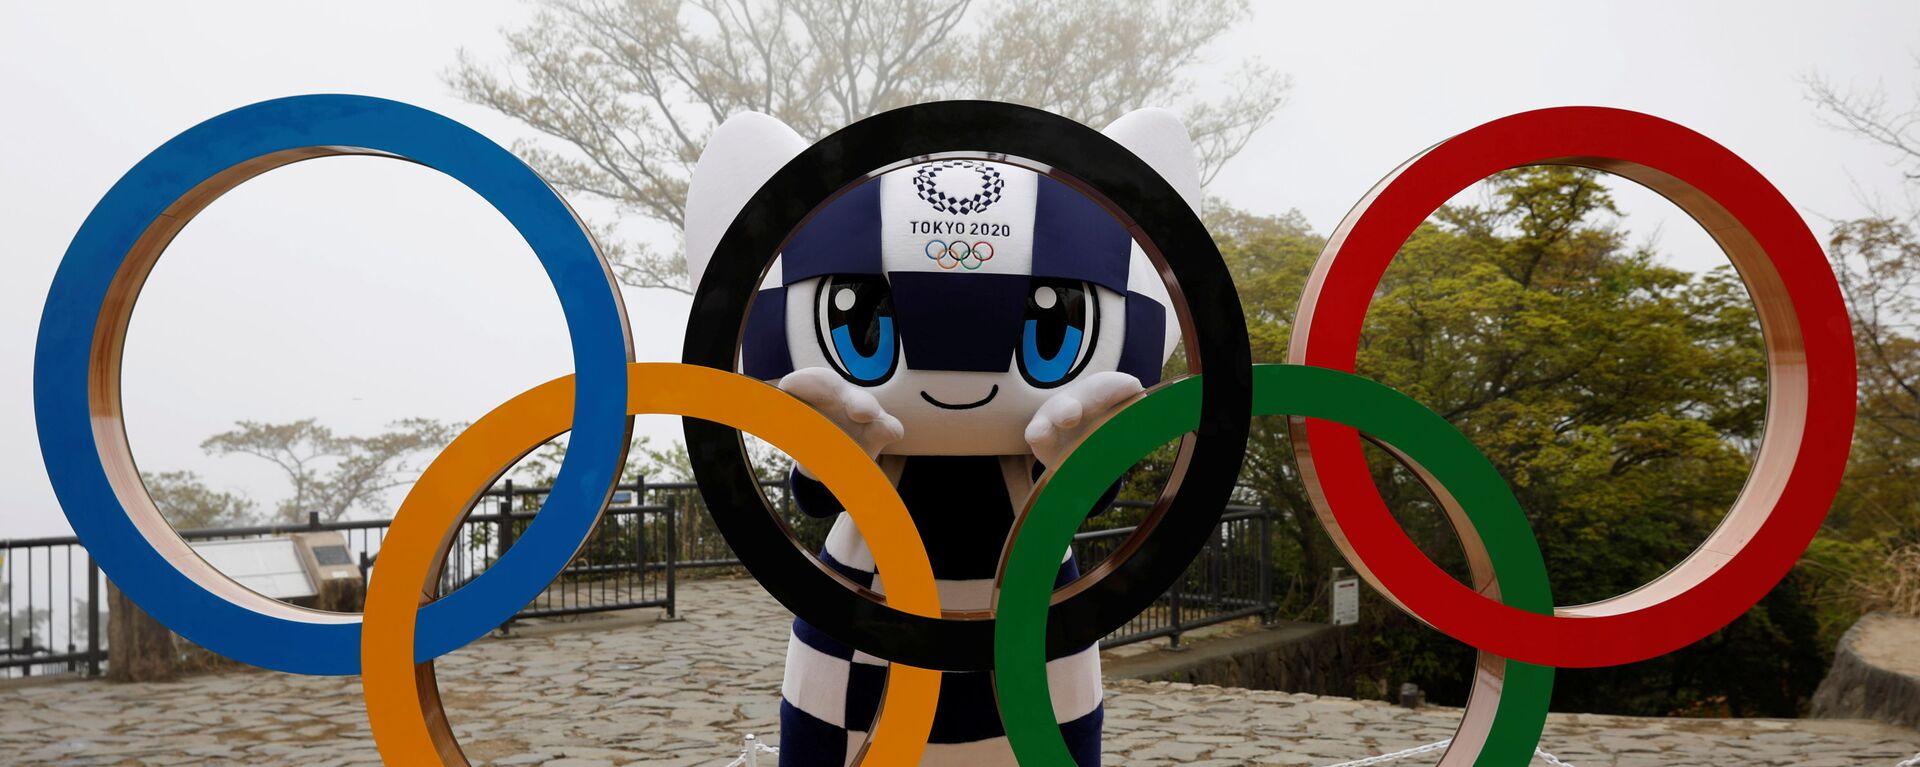 Талисман Олимпийских игр 2020 года в Токио Мирайтова - Sputnik Česká republika, 1920, 12.08.2021